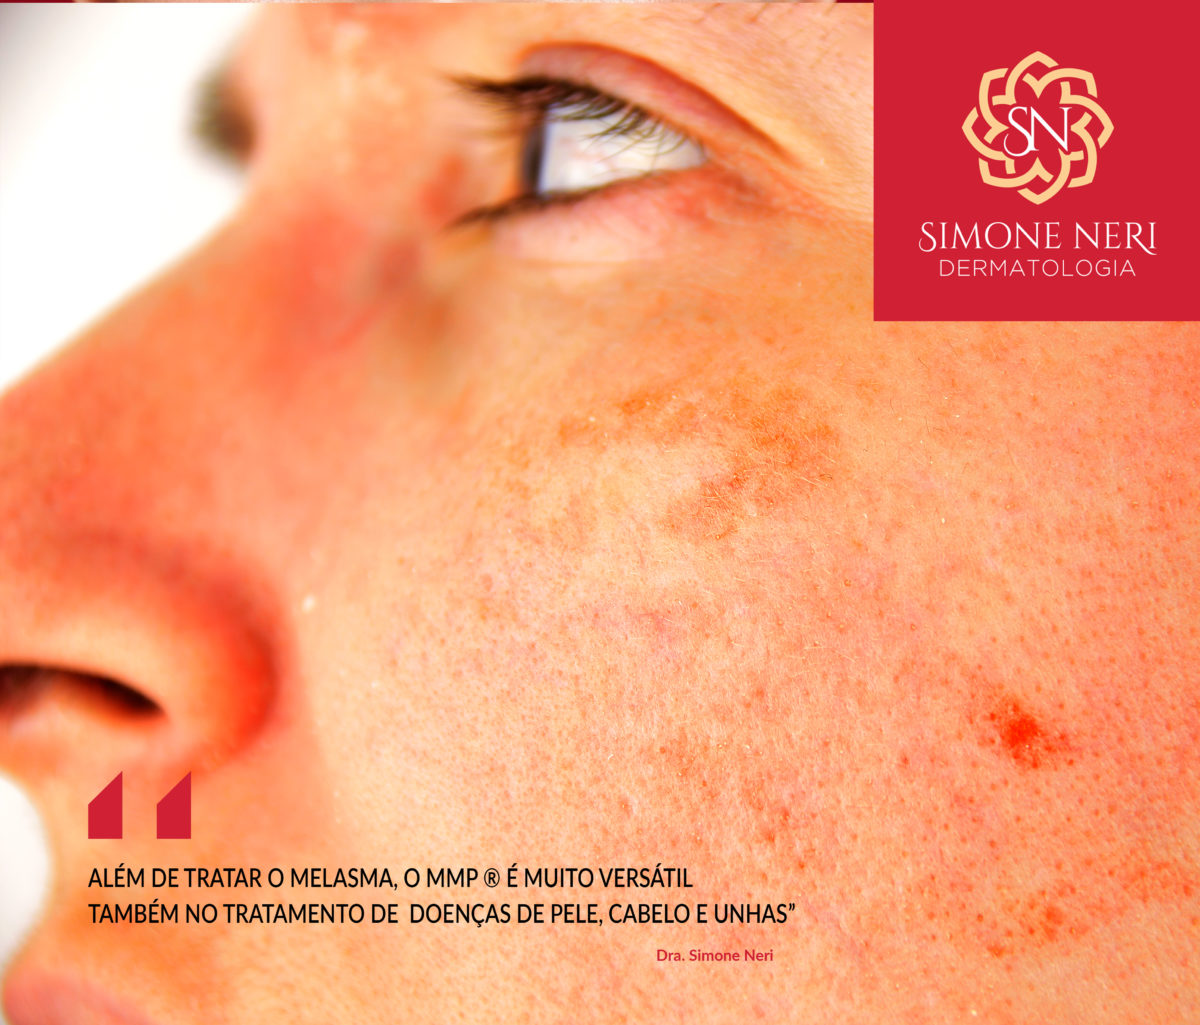 Novidades no tratamento do Melasma